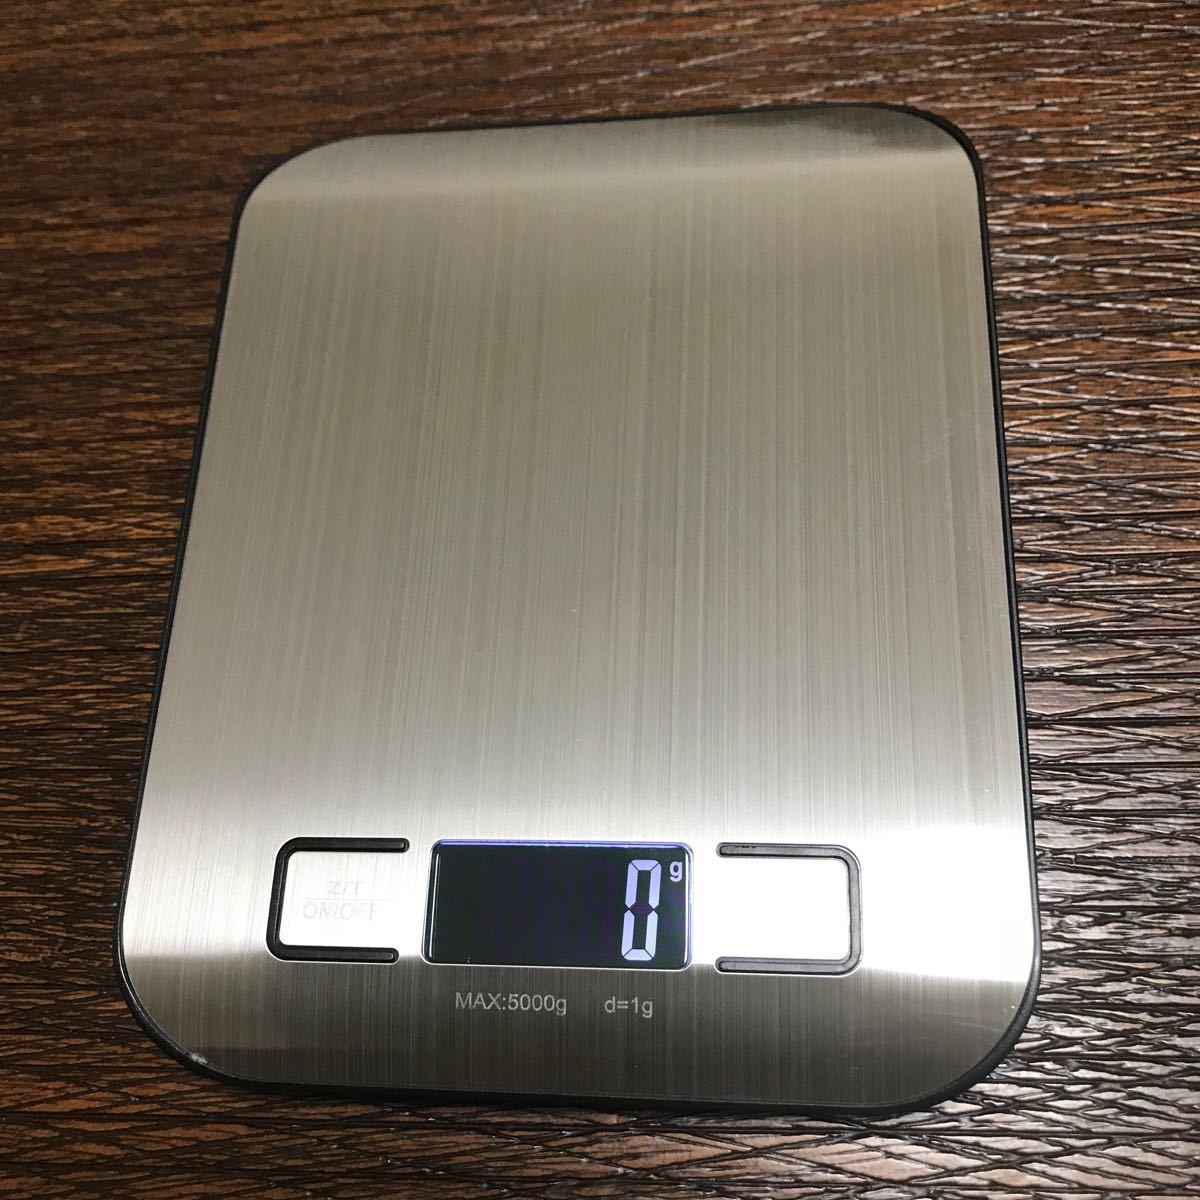 デジタルキッチンスケール1g〜5キロ対応 計量器 スタイリッシュグレー